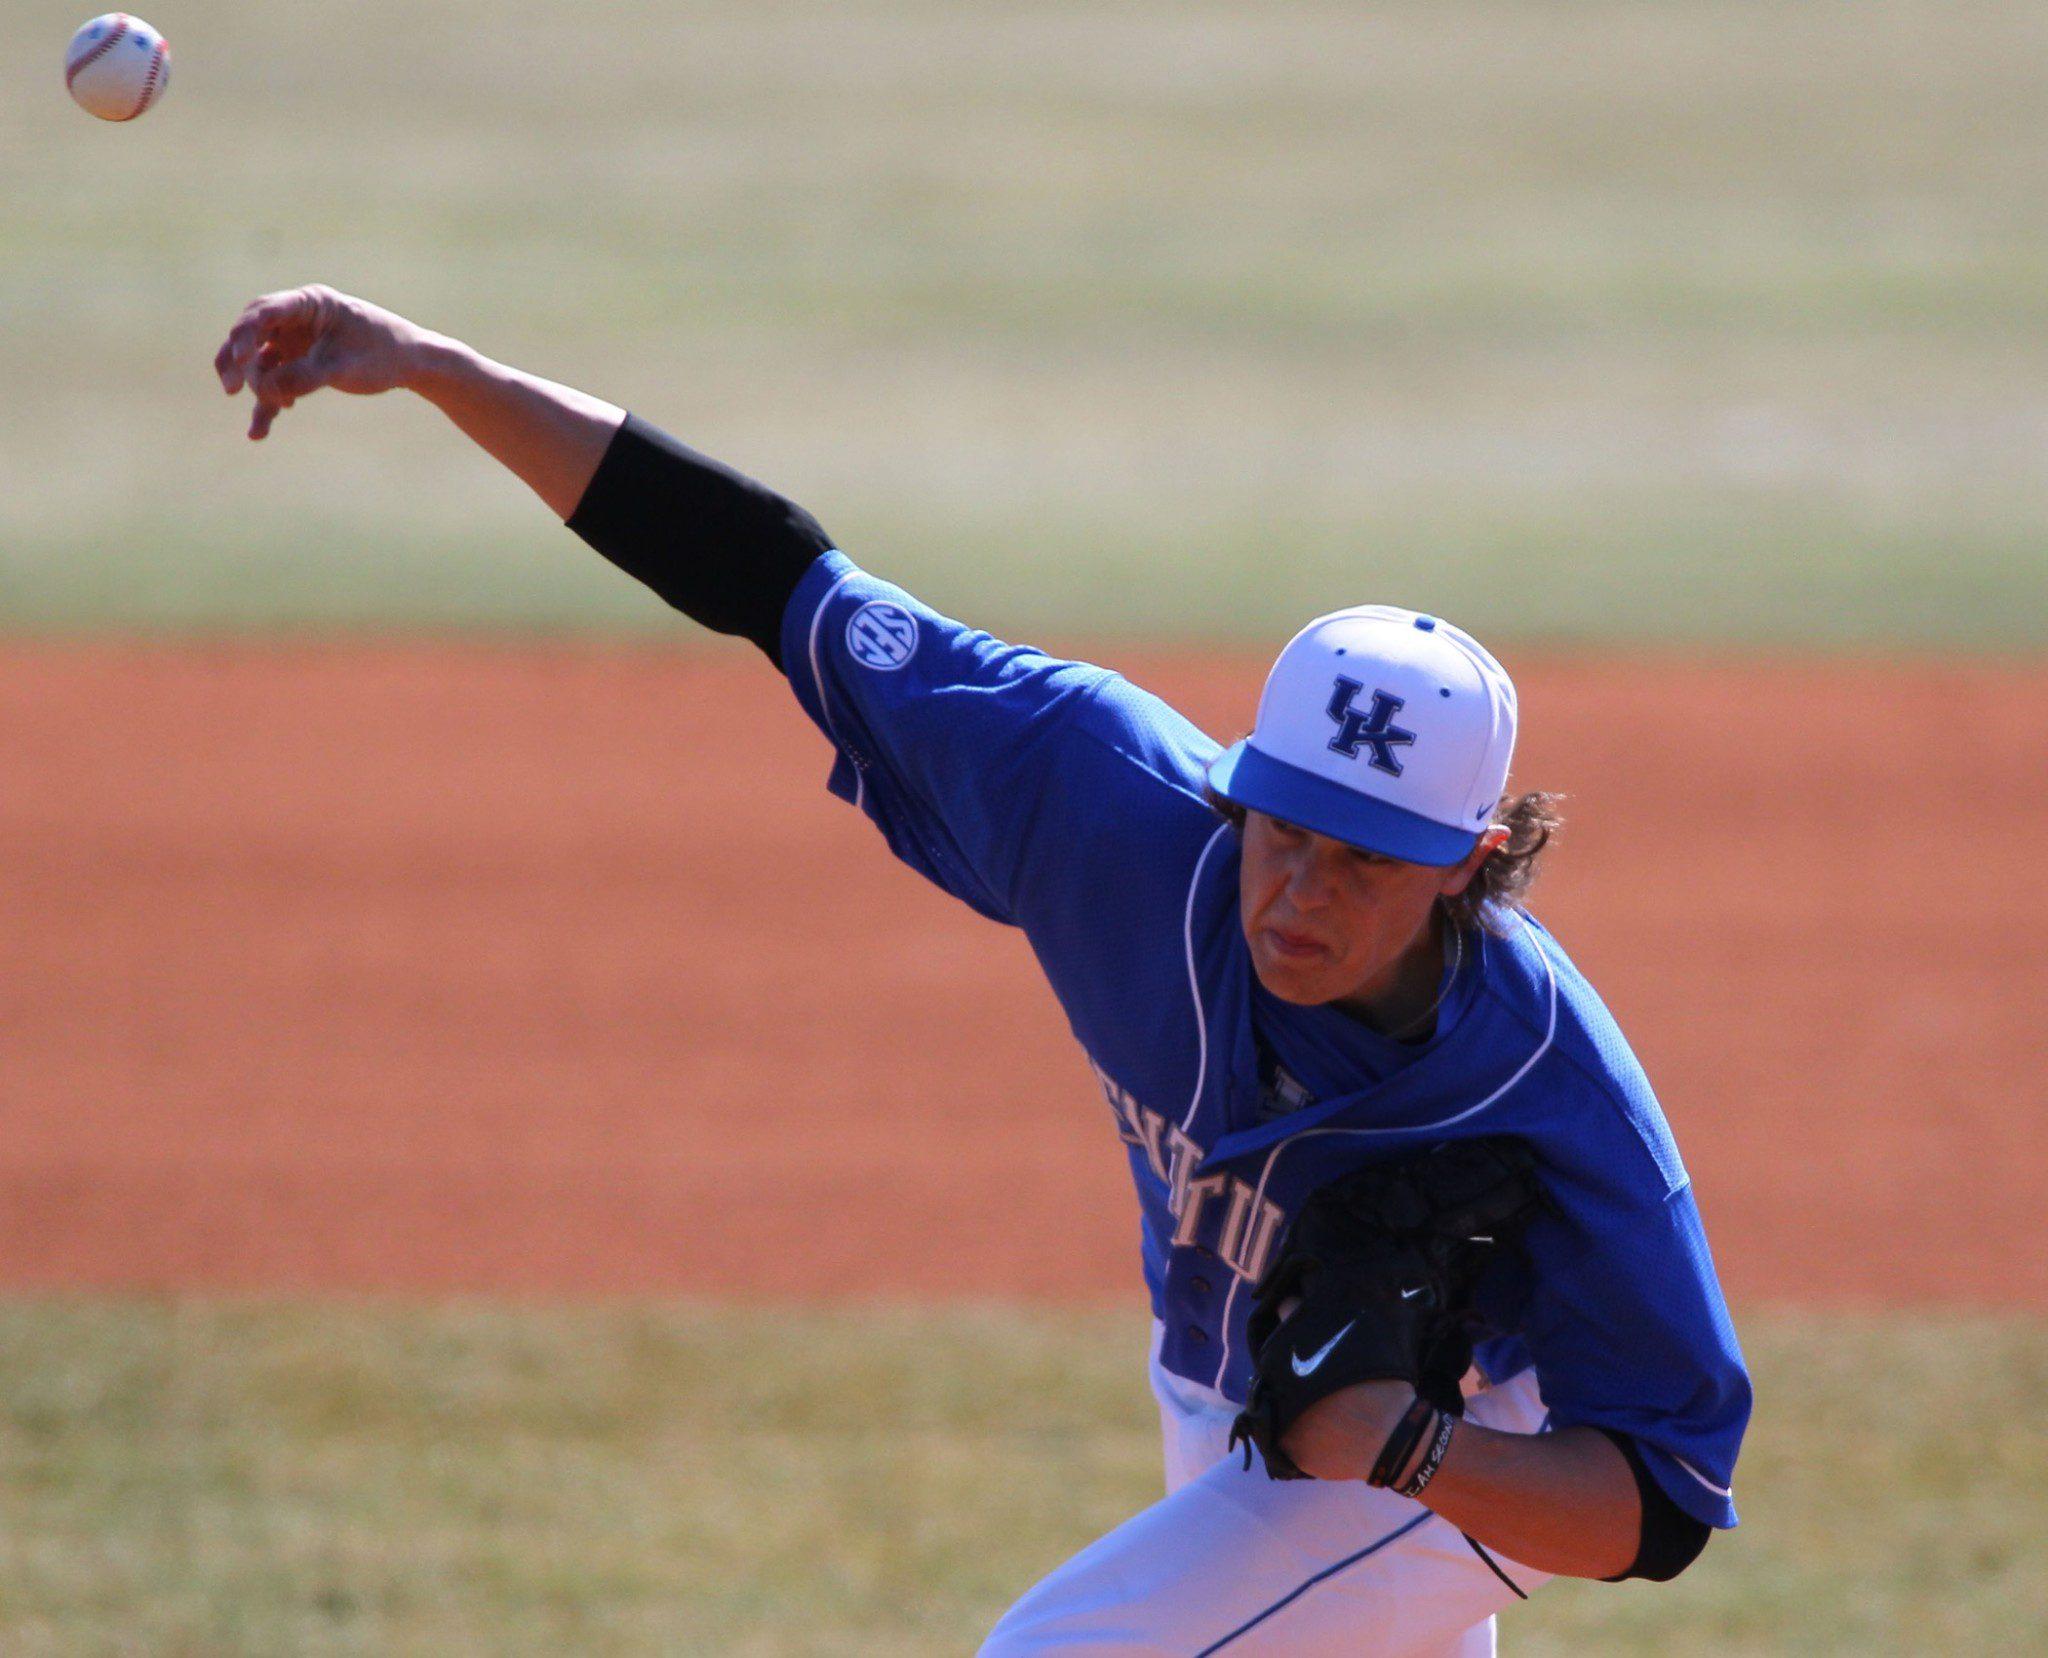 Kentucky's Dustin Beggs (UK Athletics)